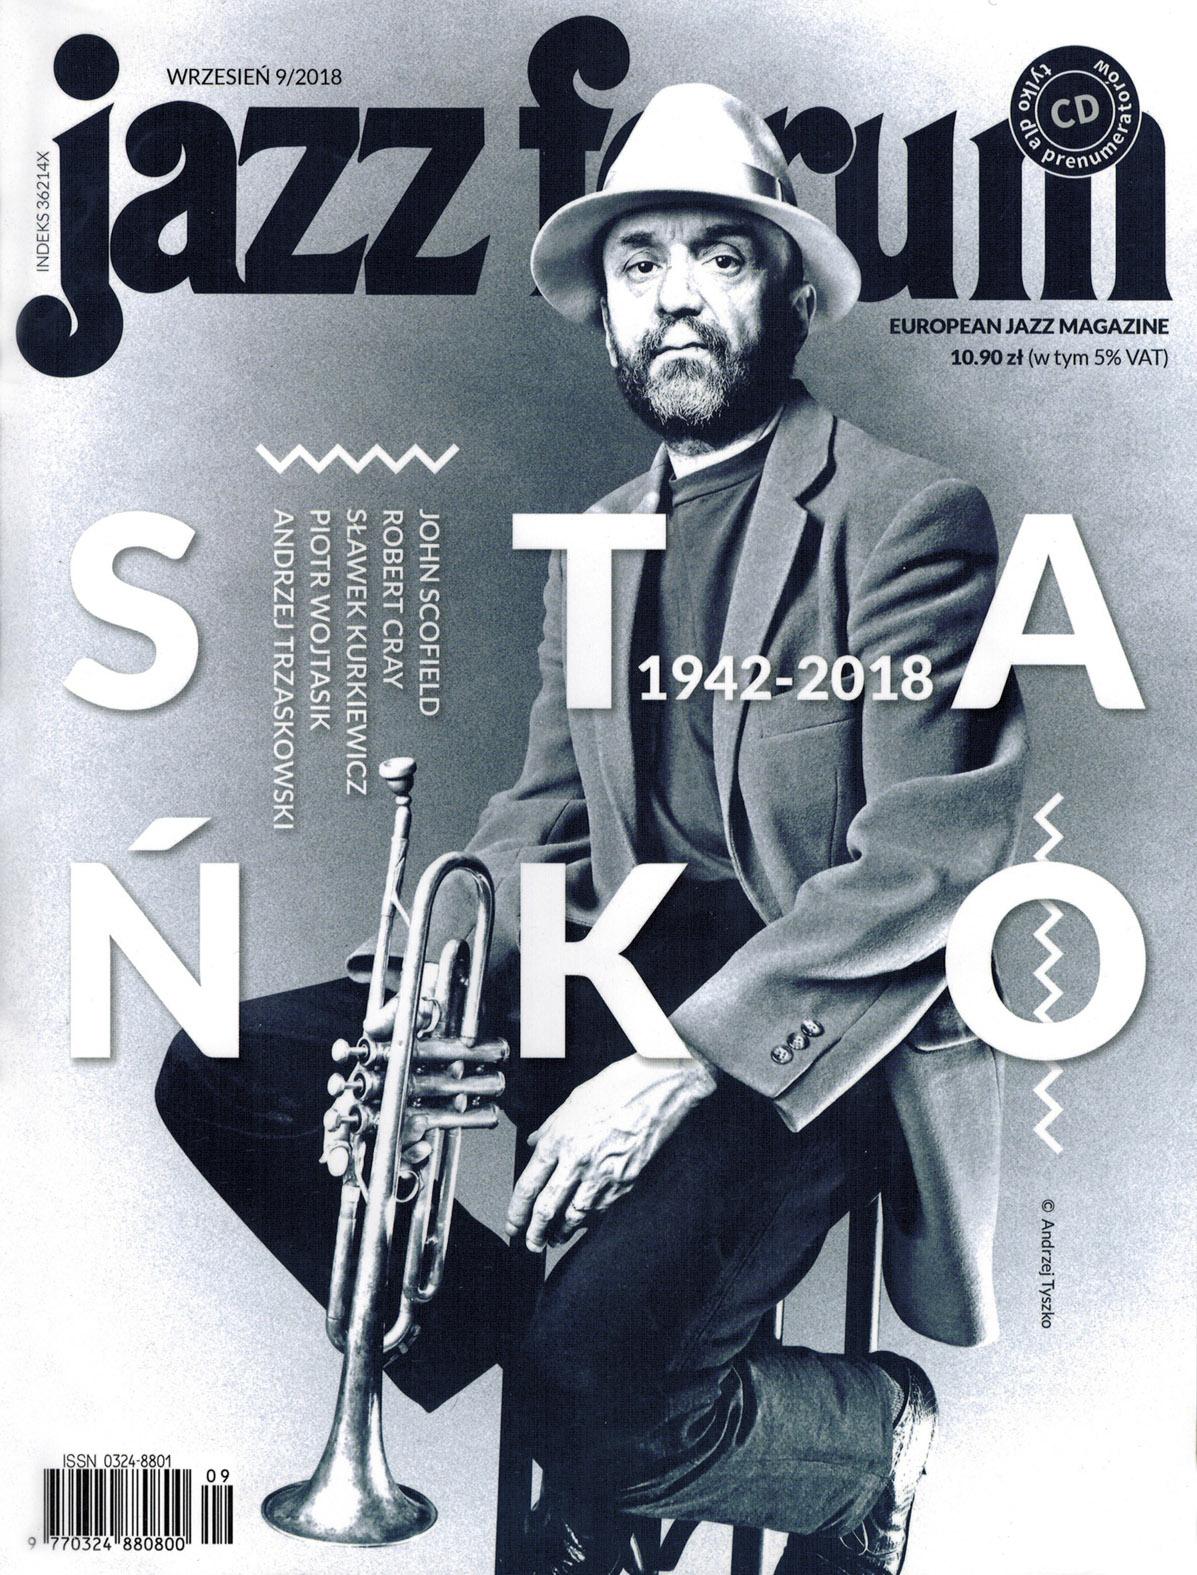 """Jazz Forum 09/2018 - Szymon Trio & Guests """"Togetherness""""- article by Mirosław Carlos Kaczmarczyk"""